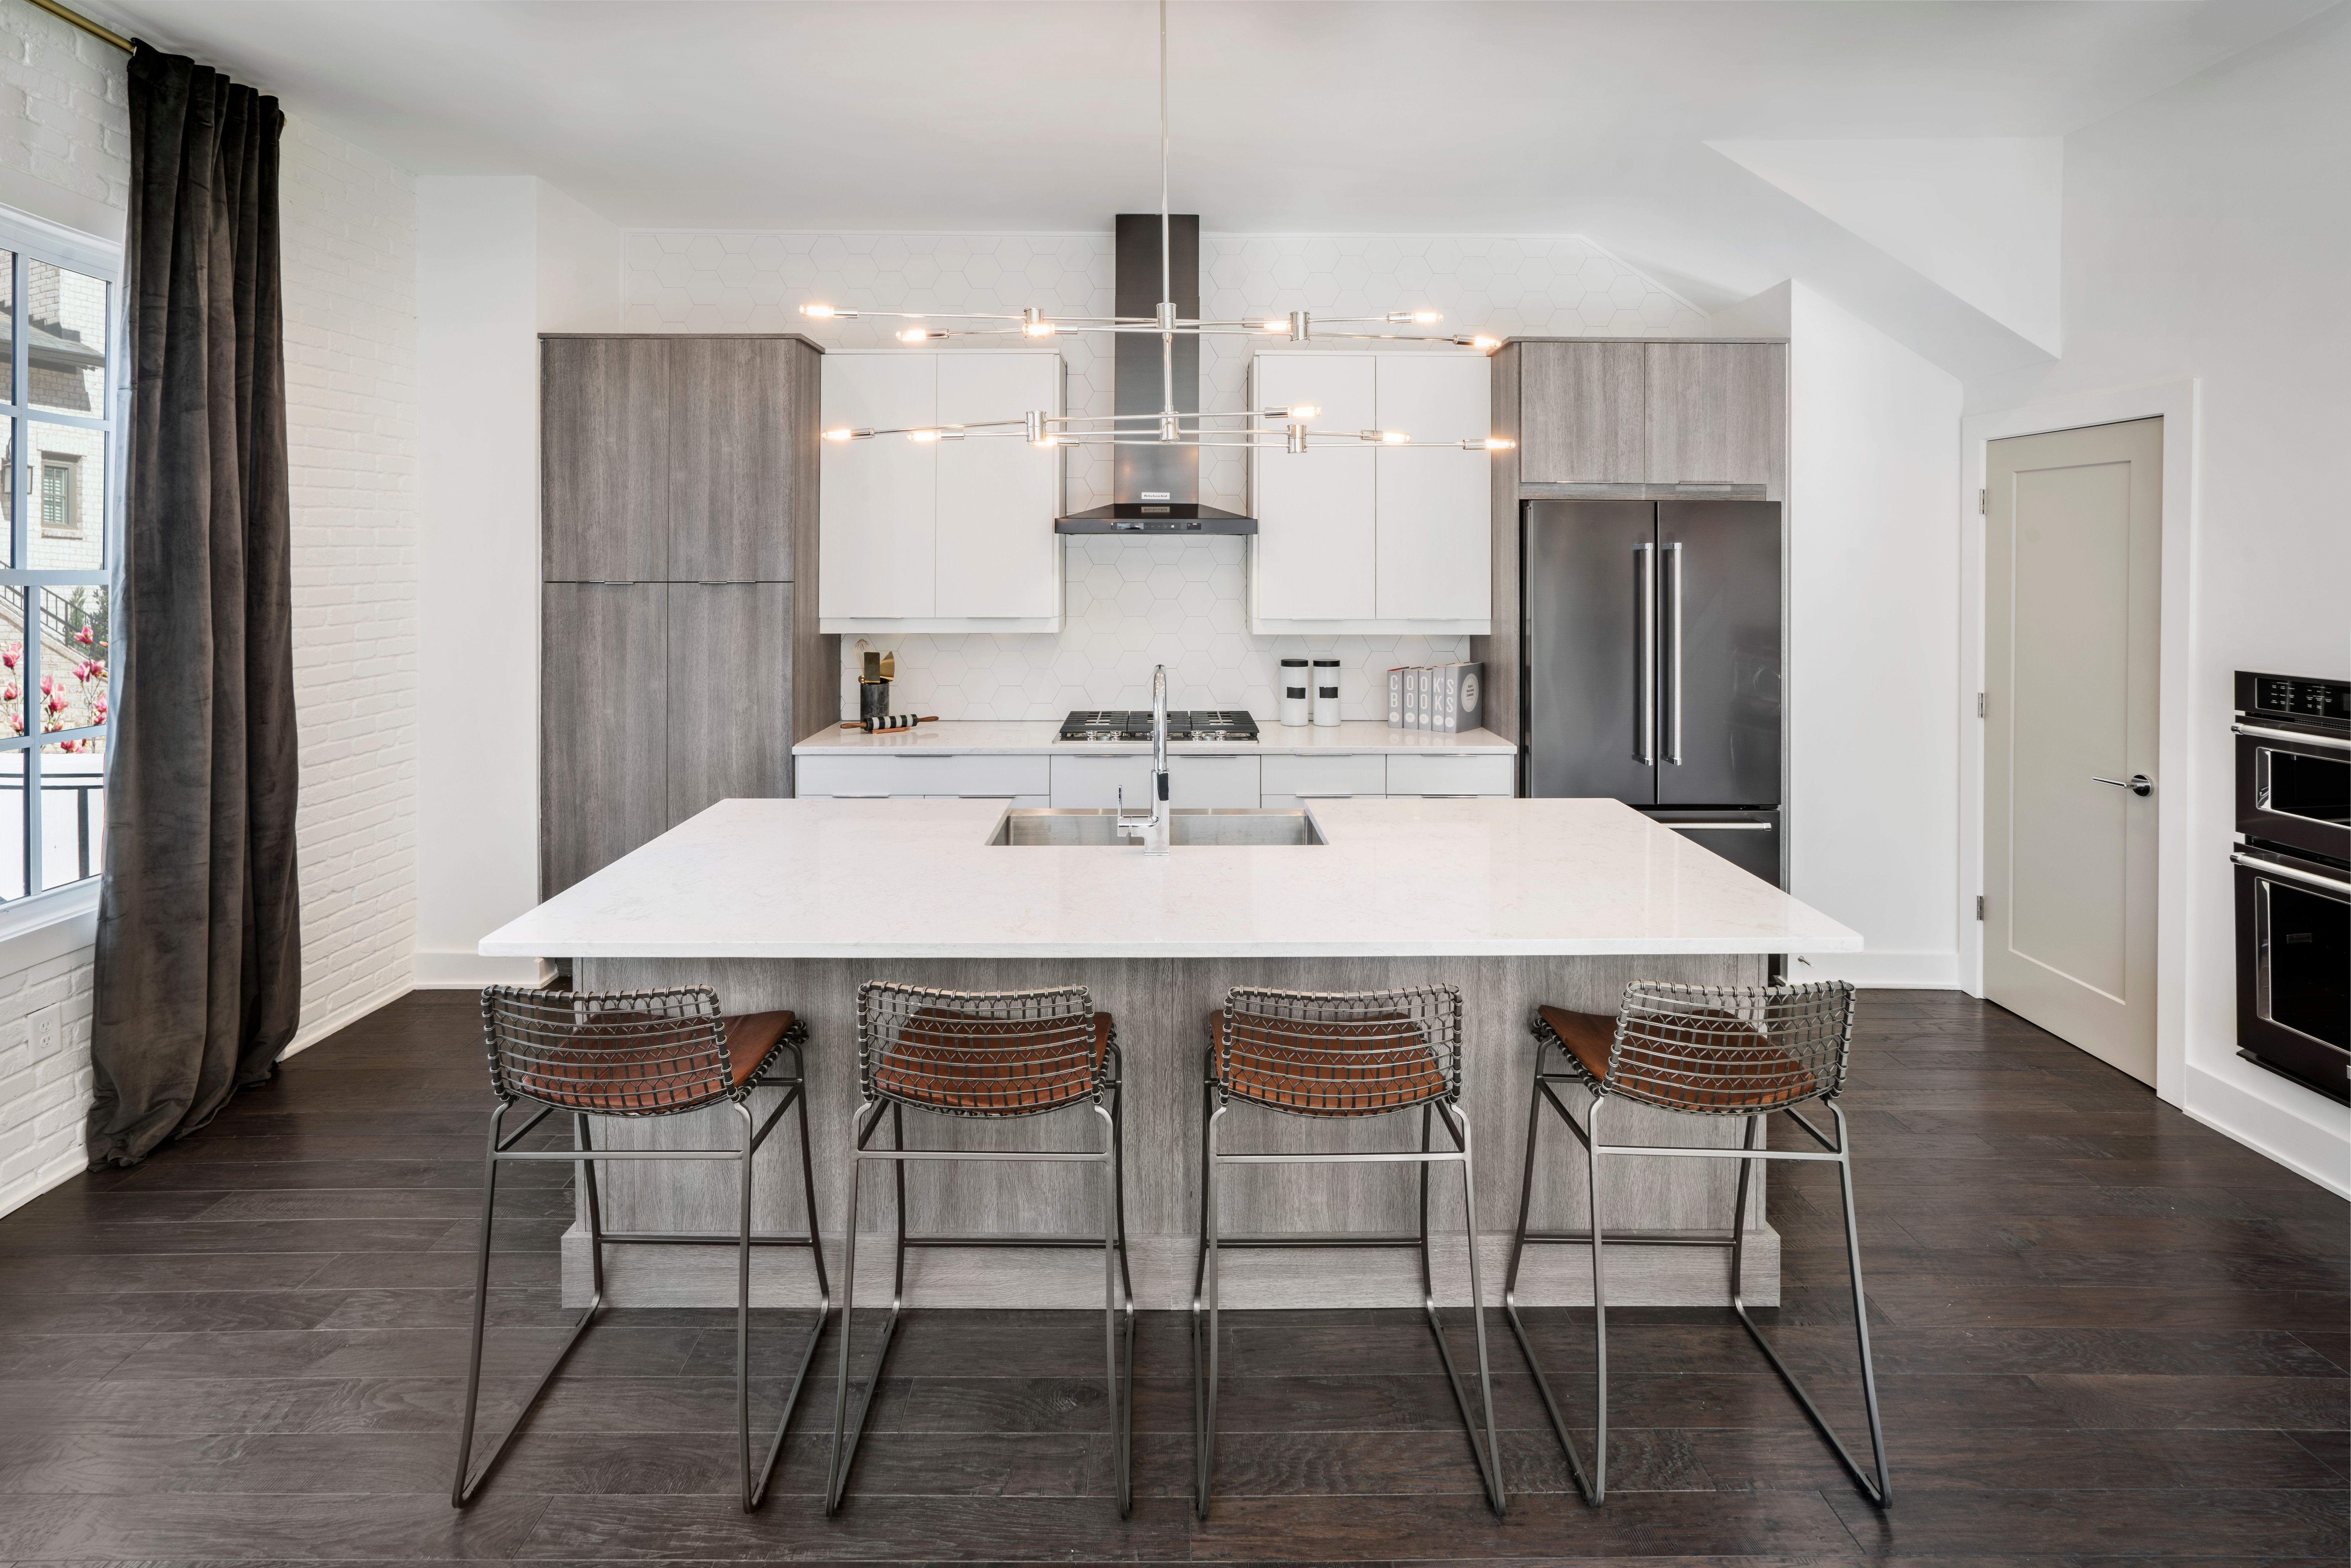 Serenade in Alpharetta, GA, New Homes & Floor Plans by Ashton Woods ...